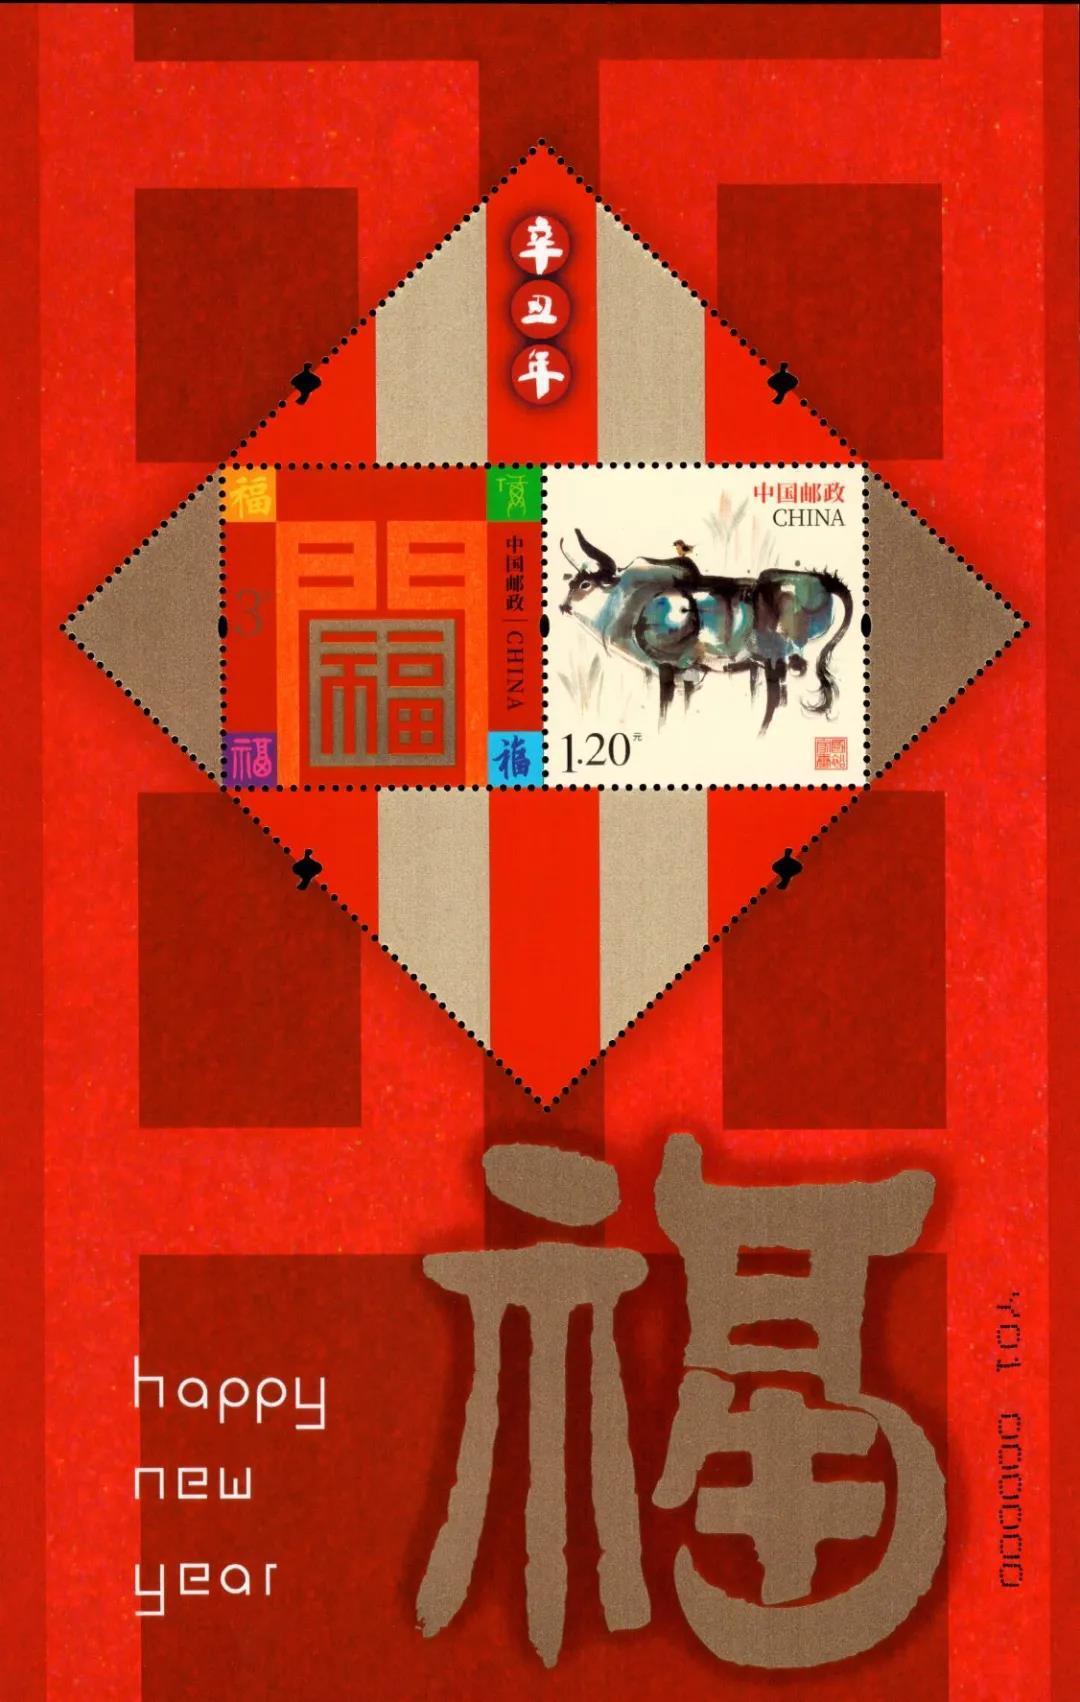 《国裕家康》《新春送福》贺年专用邮票   整版